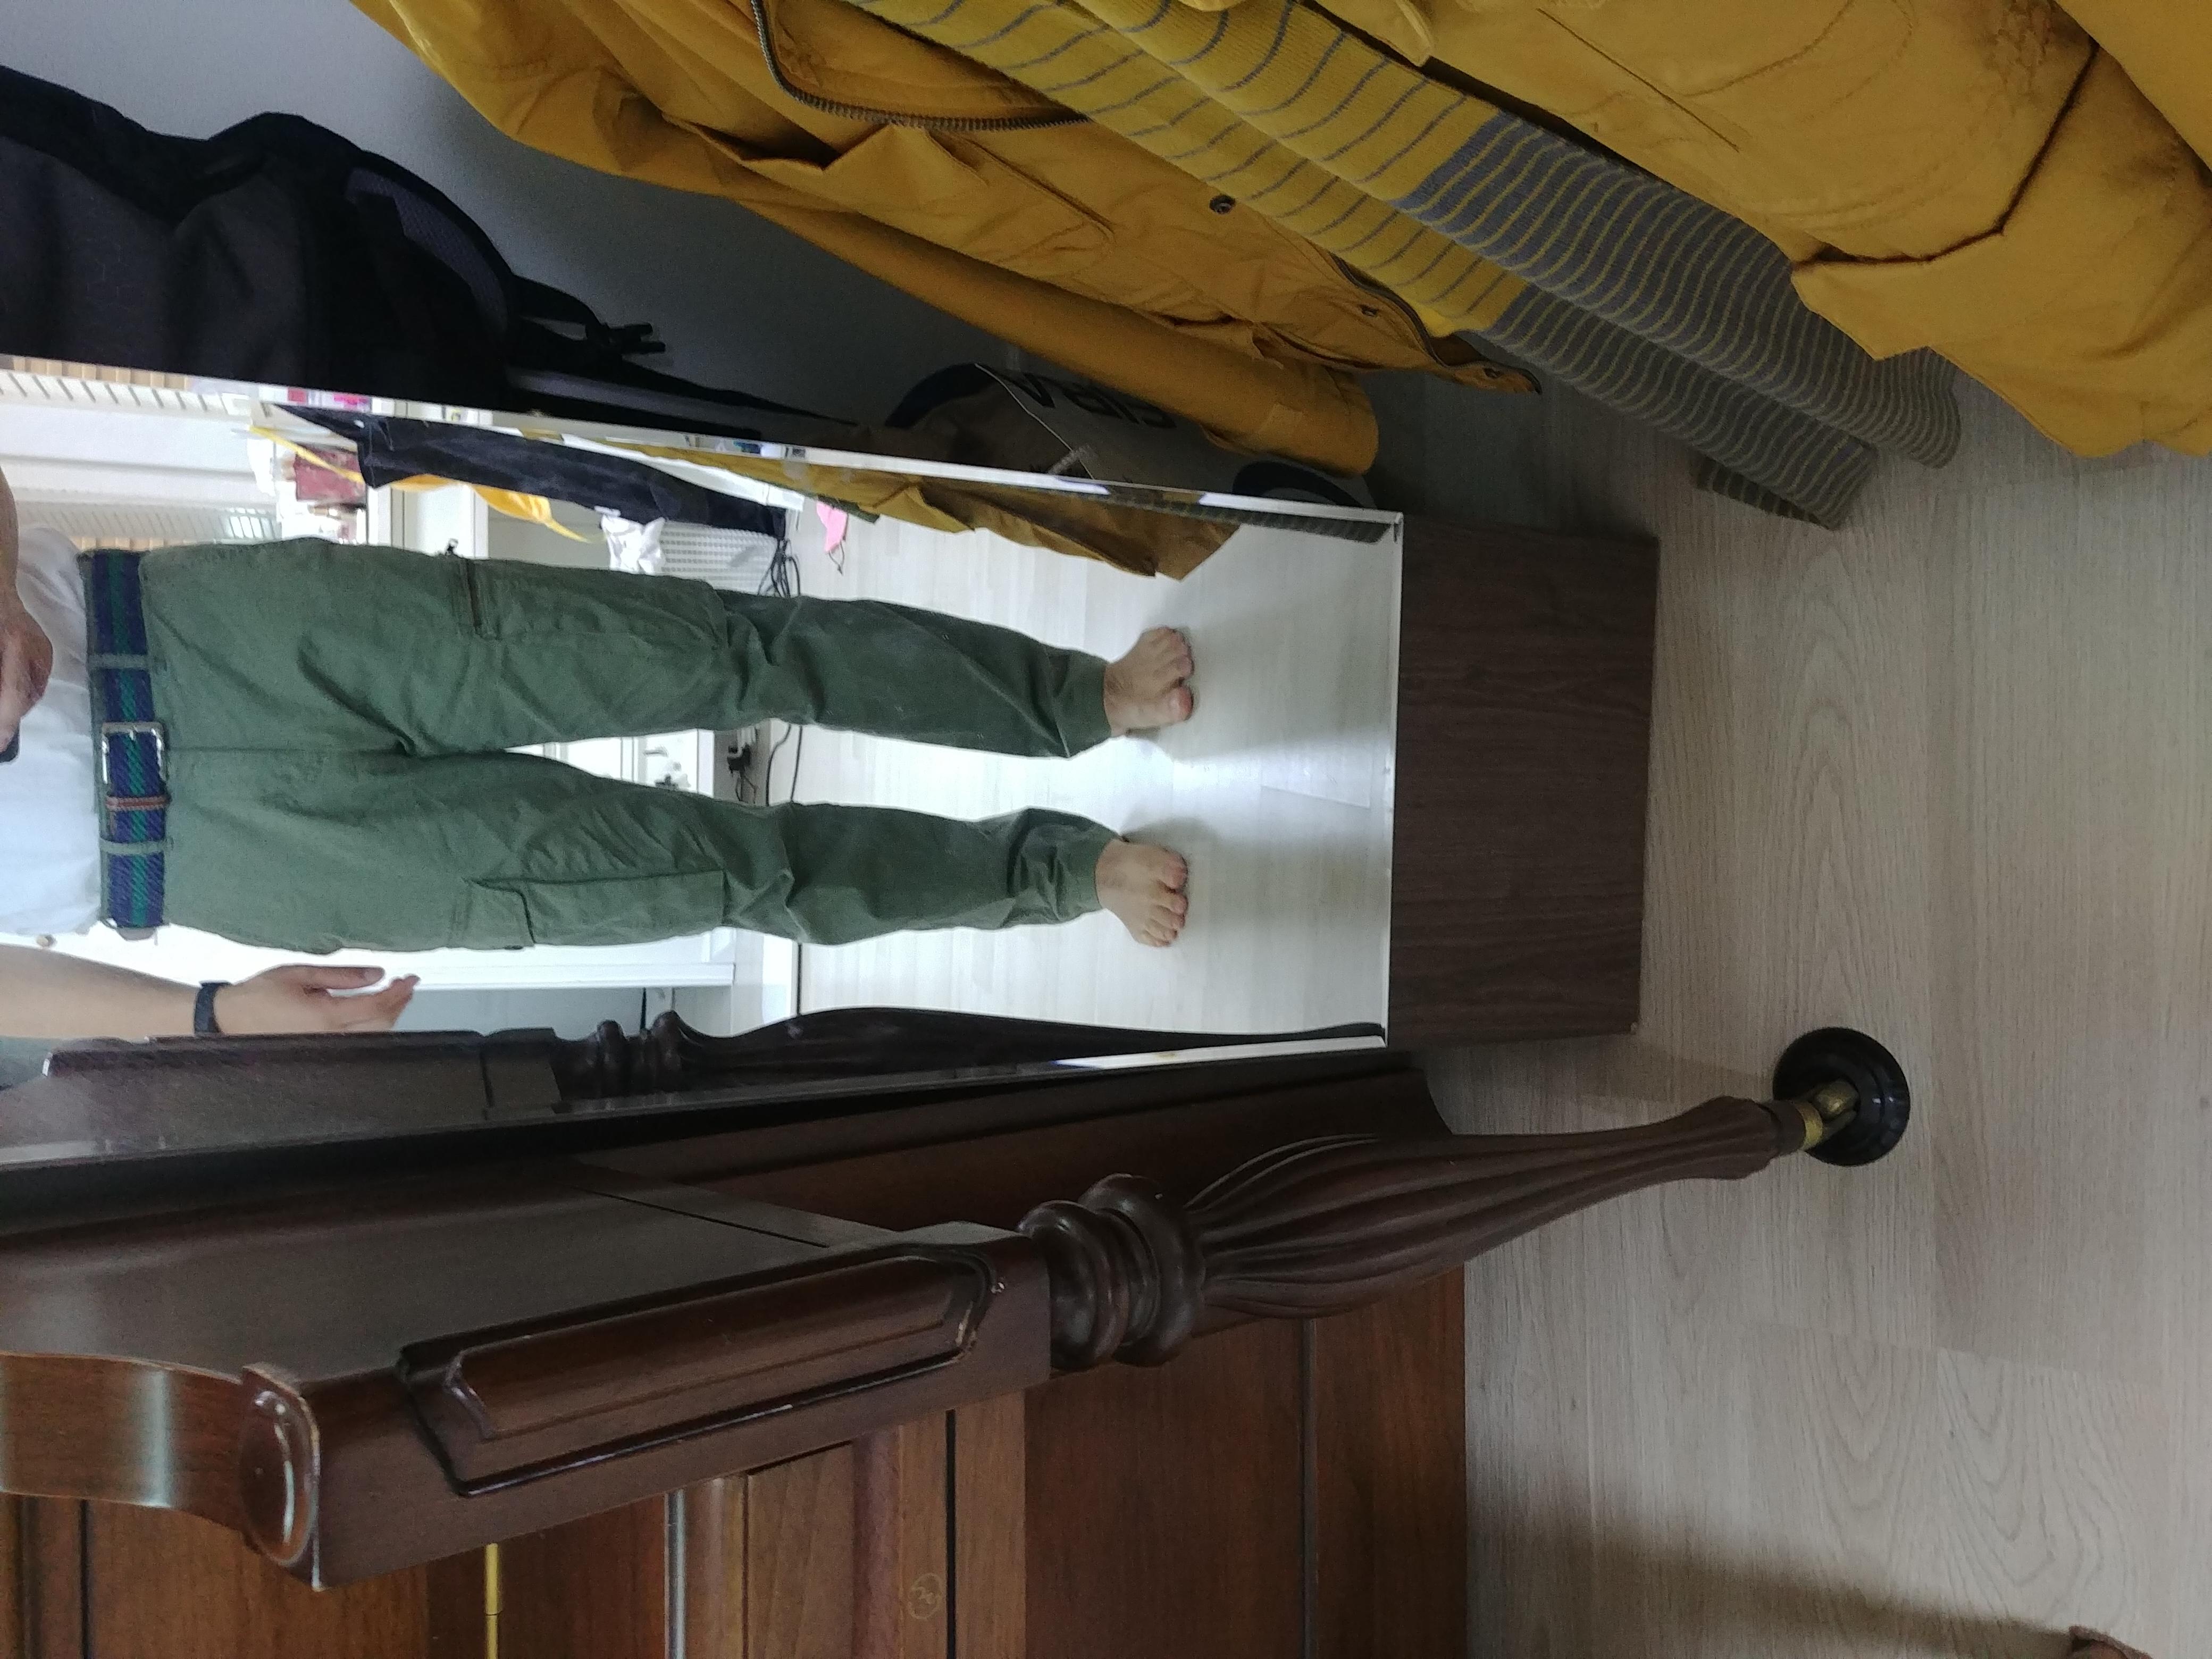 Tony Perotti Sandals Evan Brown Cokelat Tua 40 Size W 31w L 32l